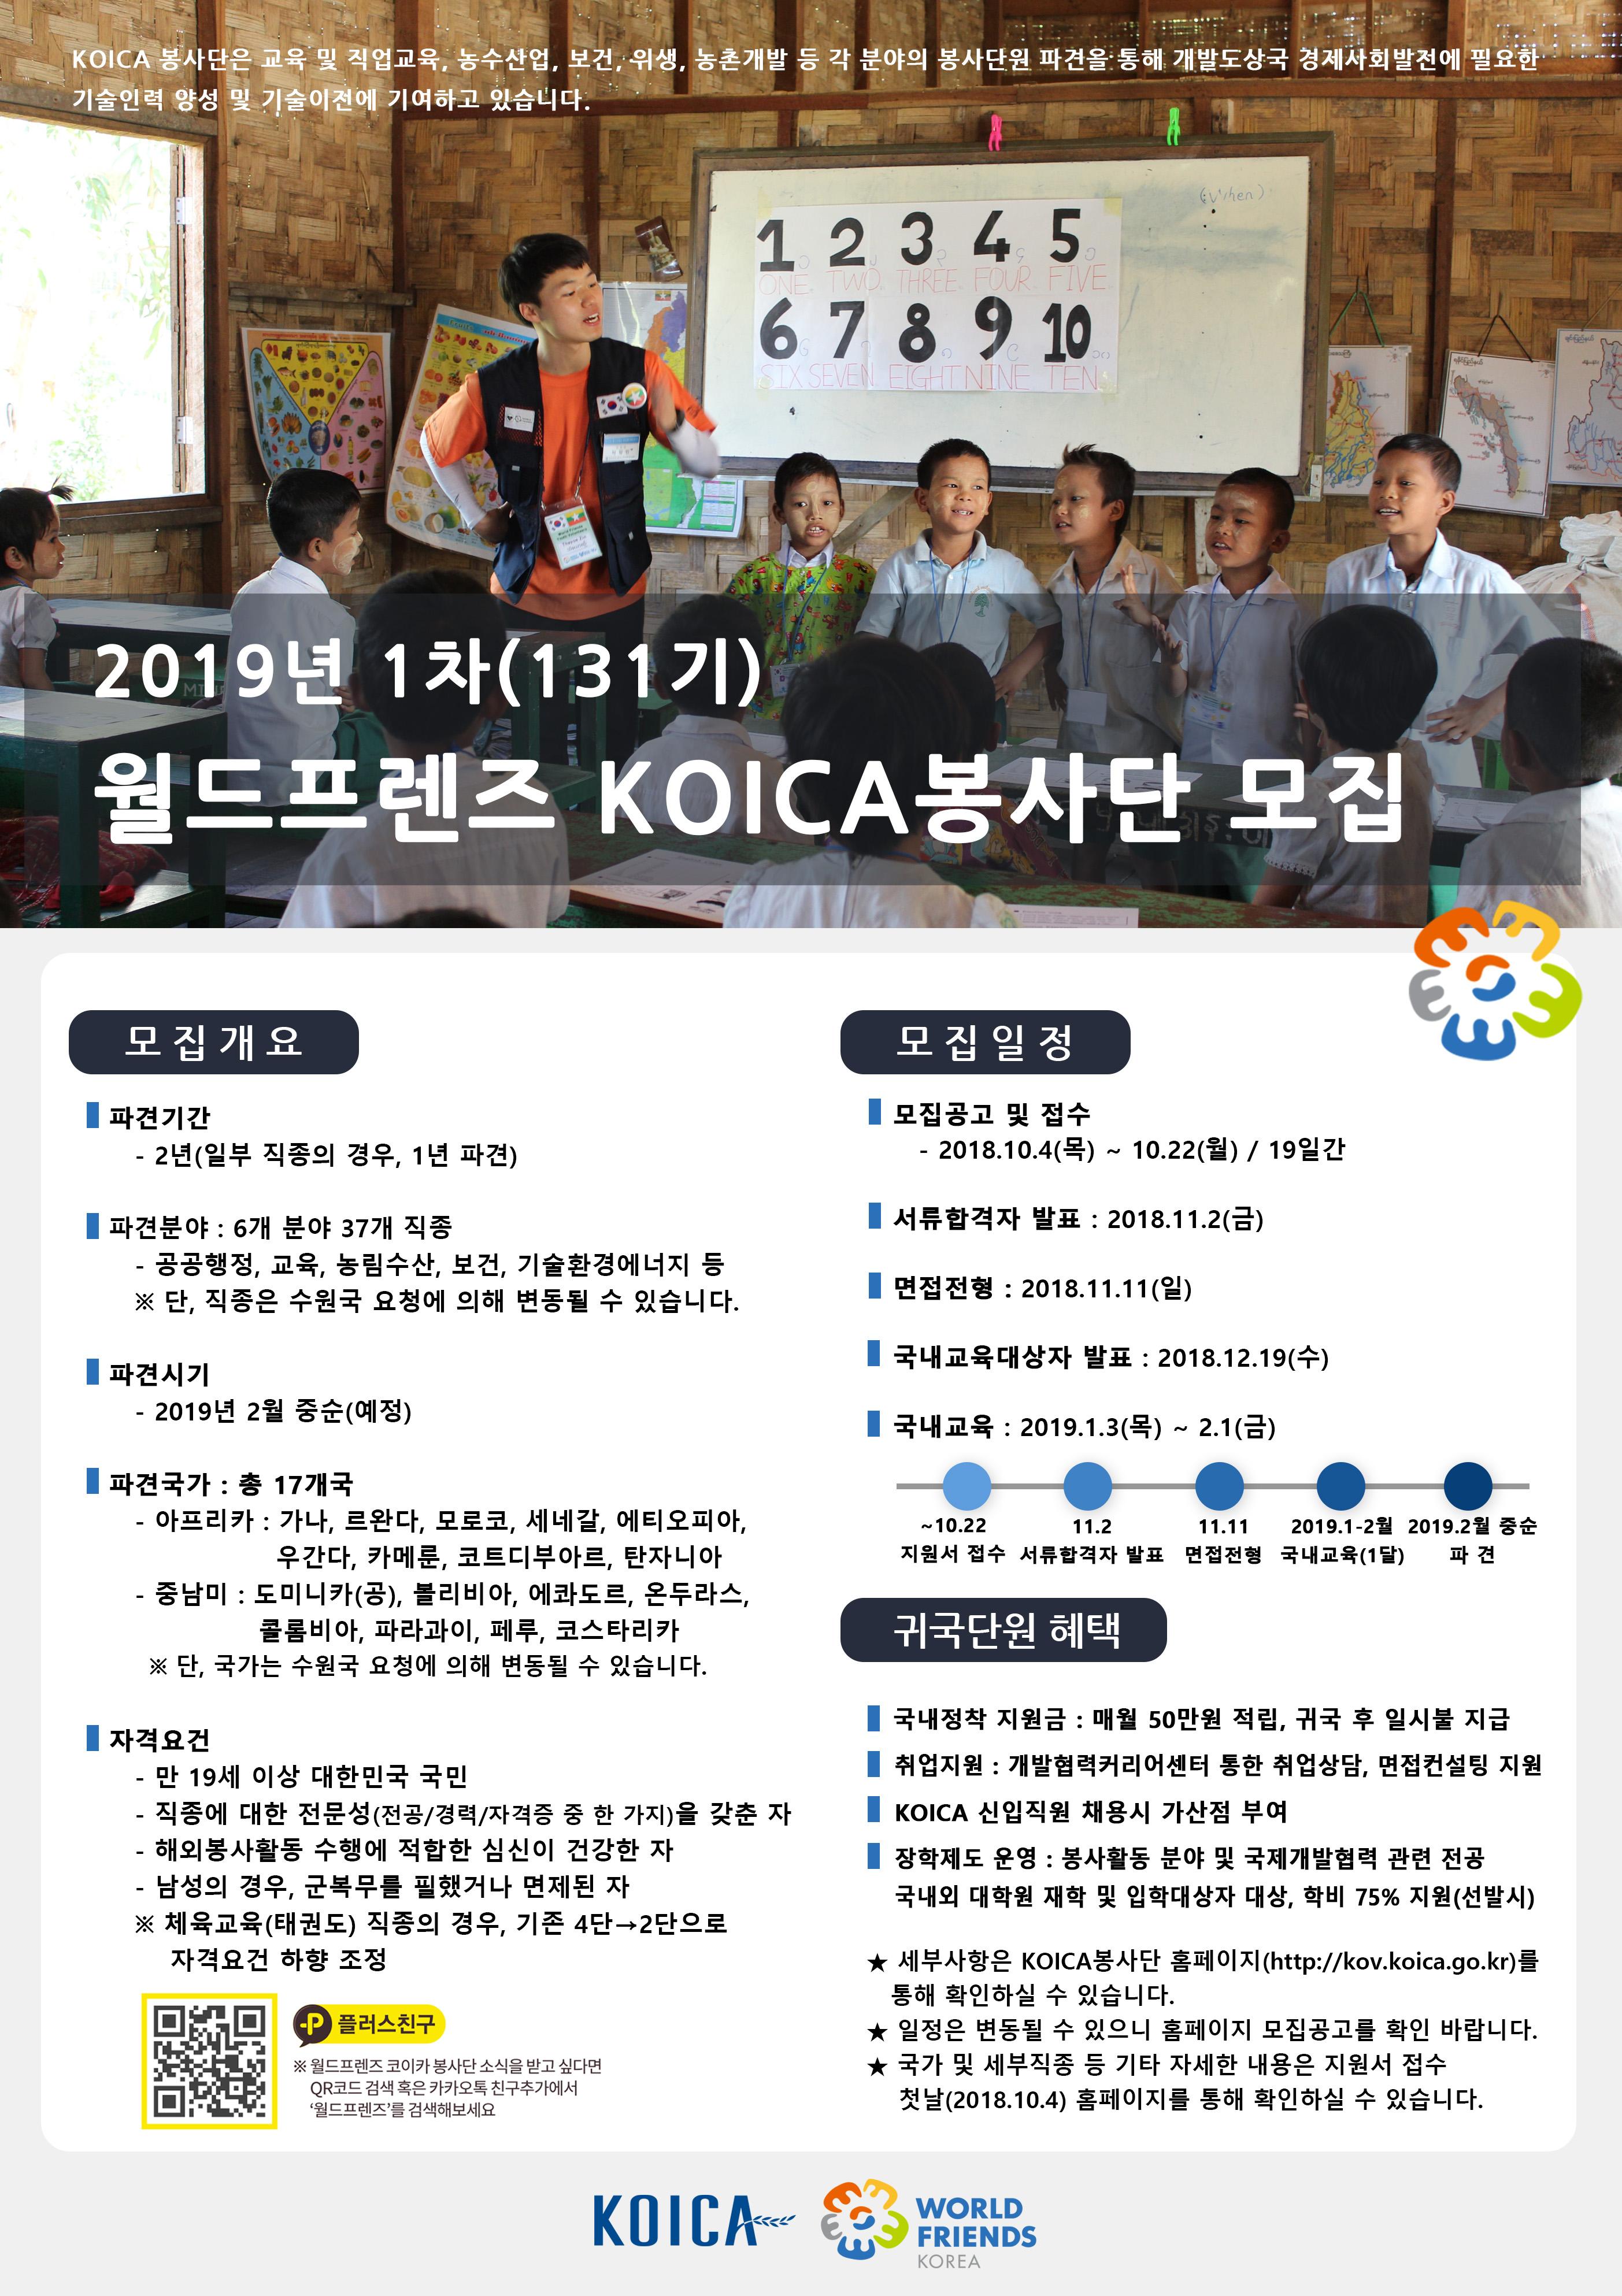 [유관기관 홍보] 제131기 KOICA 봉사단 모집